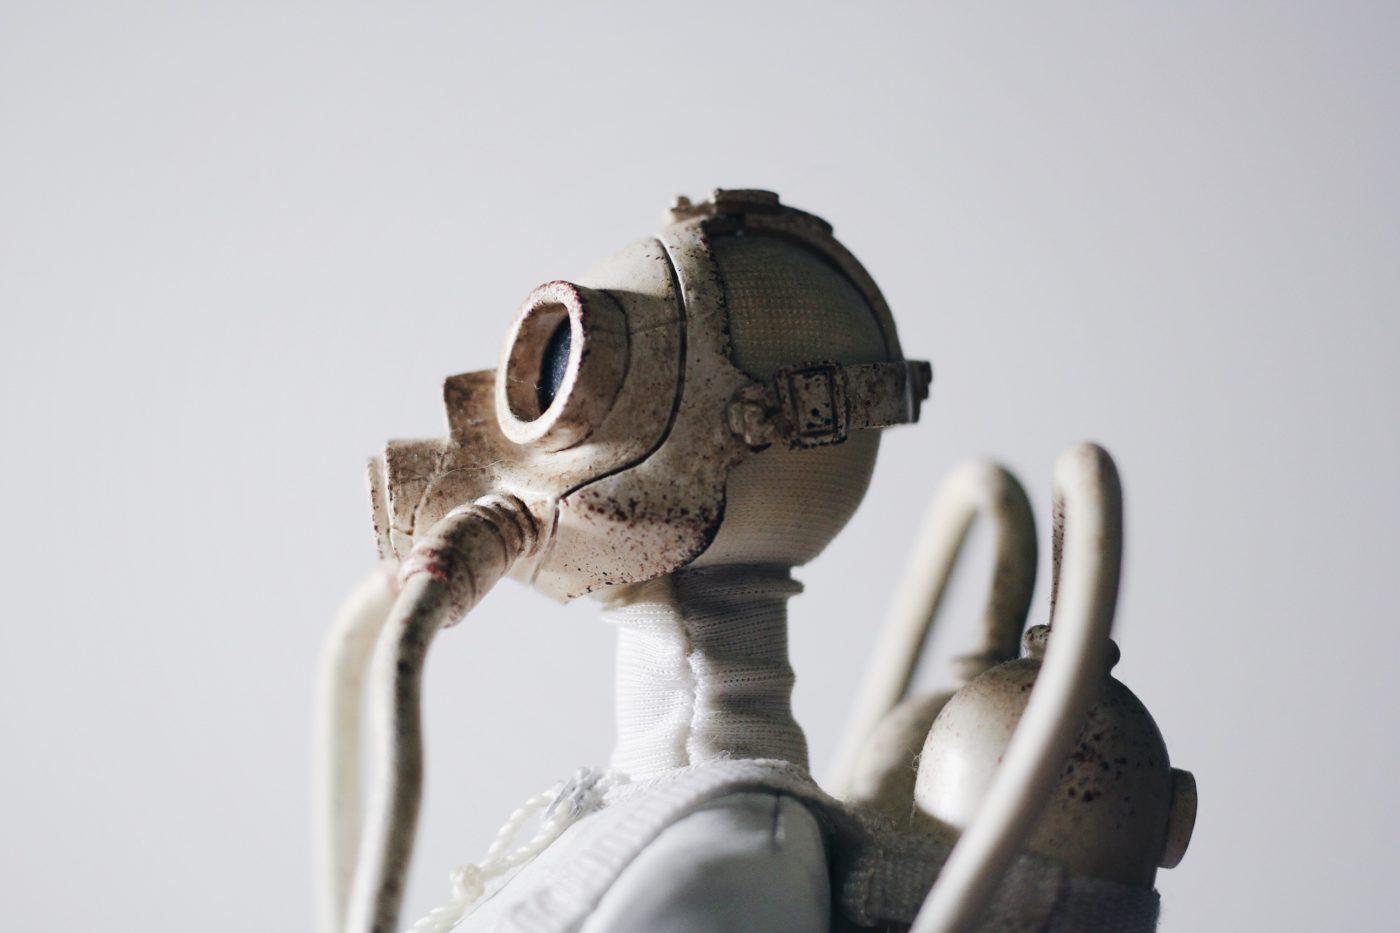 能像生物一樣進食和成長的機器人快來了